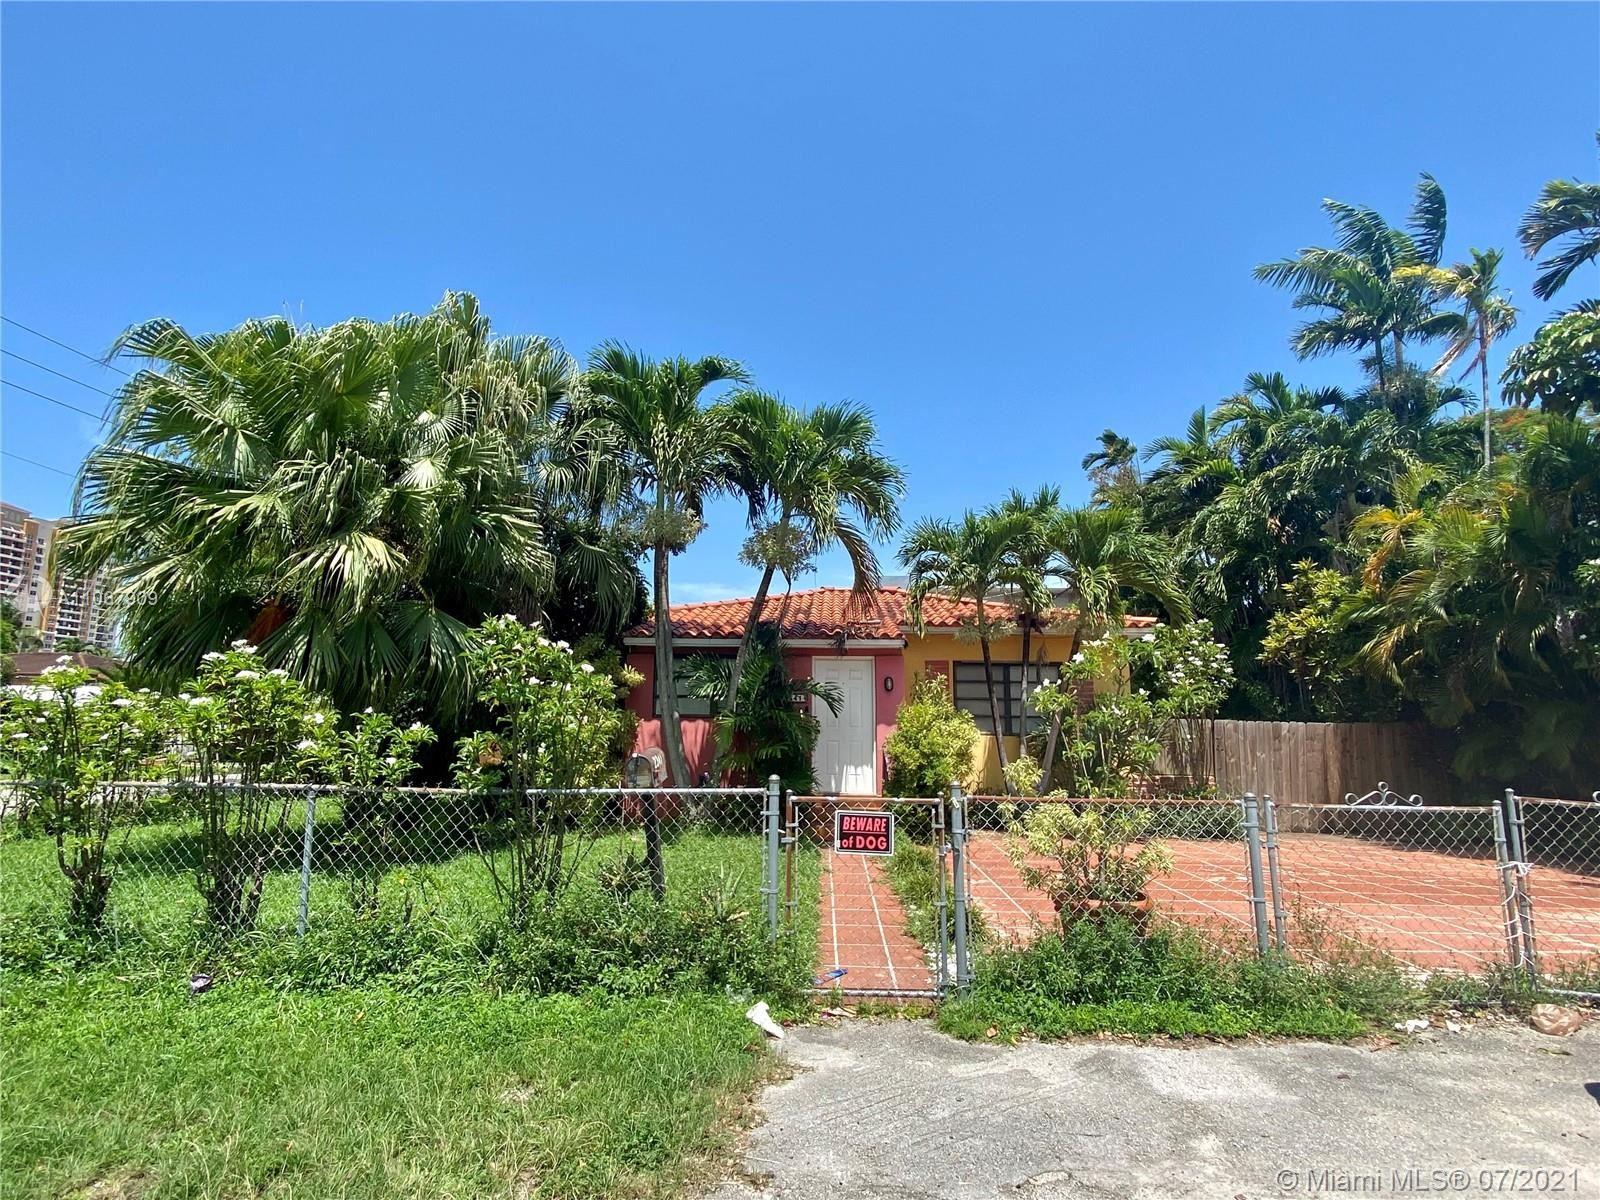 2341 SW 34th Ave, Miami, FL 33145 - #: A11067909